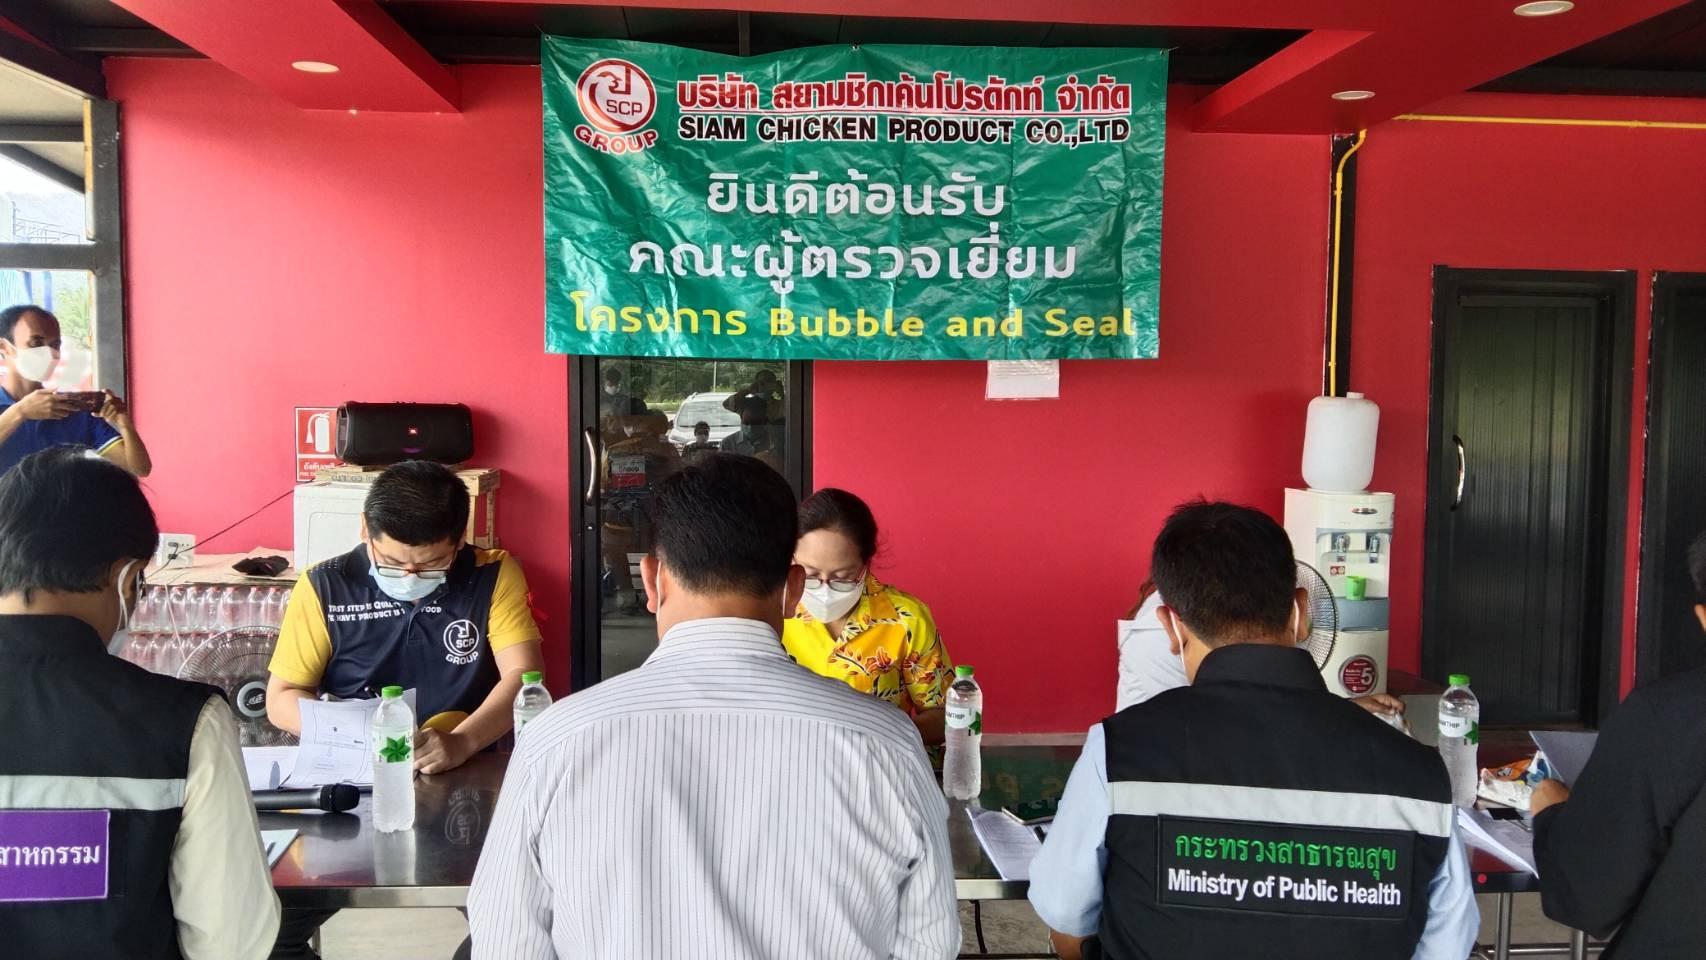 ตรวจสอบนายจ้าง สถานประกอบการเพื่อเป็นการเฝ้าระวัง ควบคุมคนต่างด้าวที่จะเดินทางเข้ามาในประเทศไทย